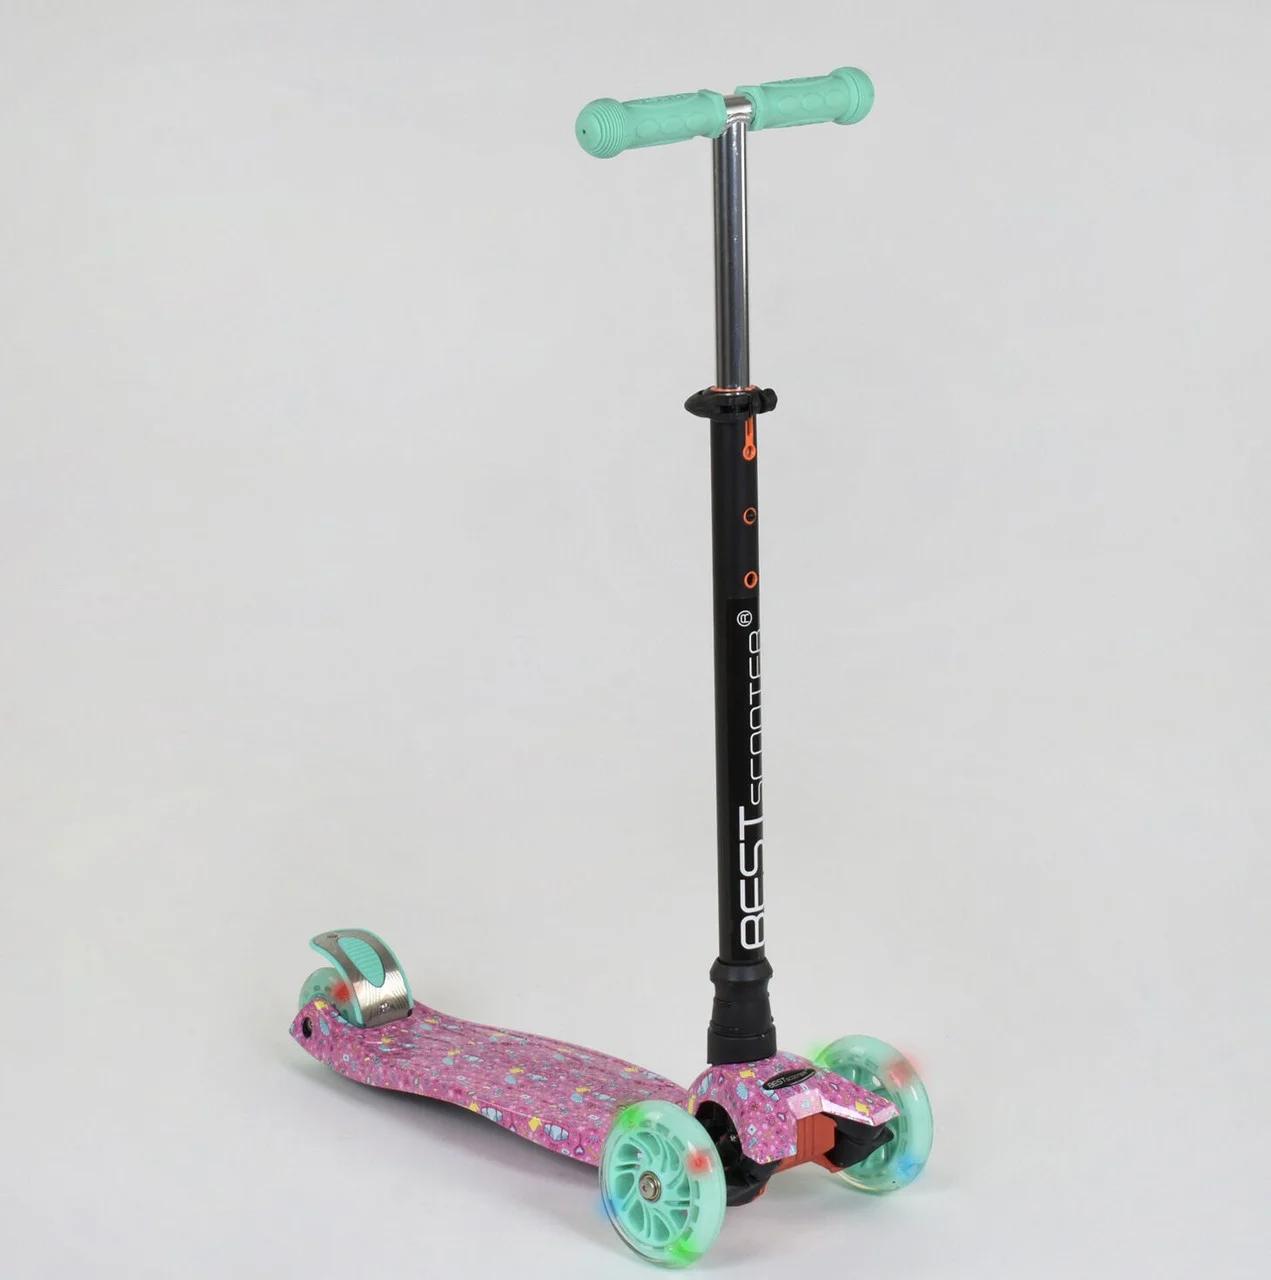 """Самокат А 25594 /779-1337 MAXI """"Best Scooter"""" пластмассовый, 4 колеса PU,свет,трубка руля алюминиевая, d=12 см"""